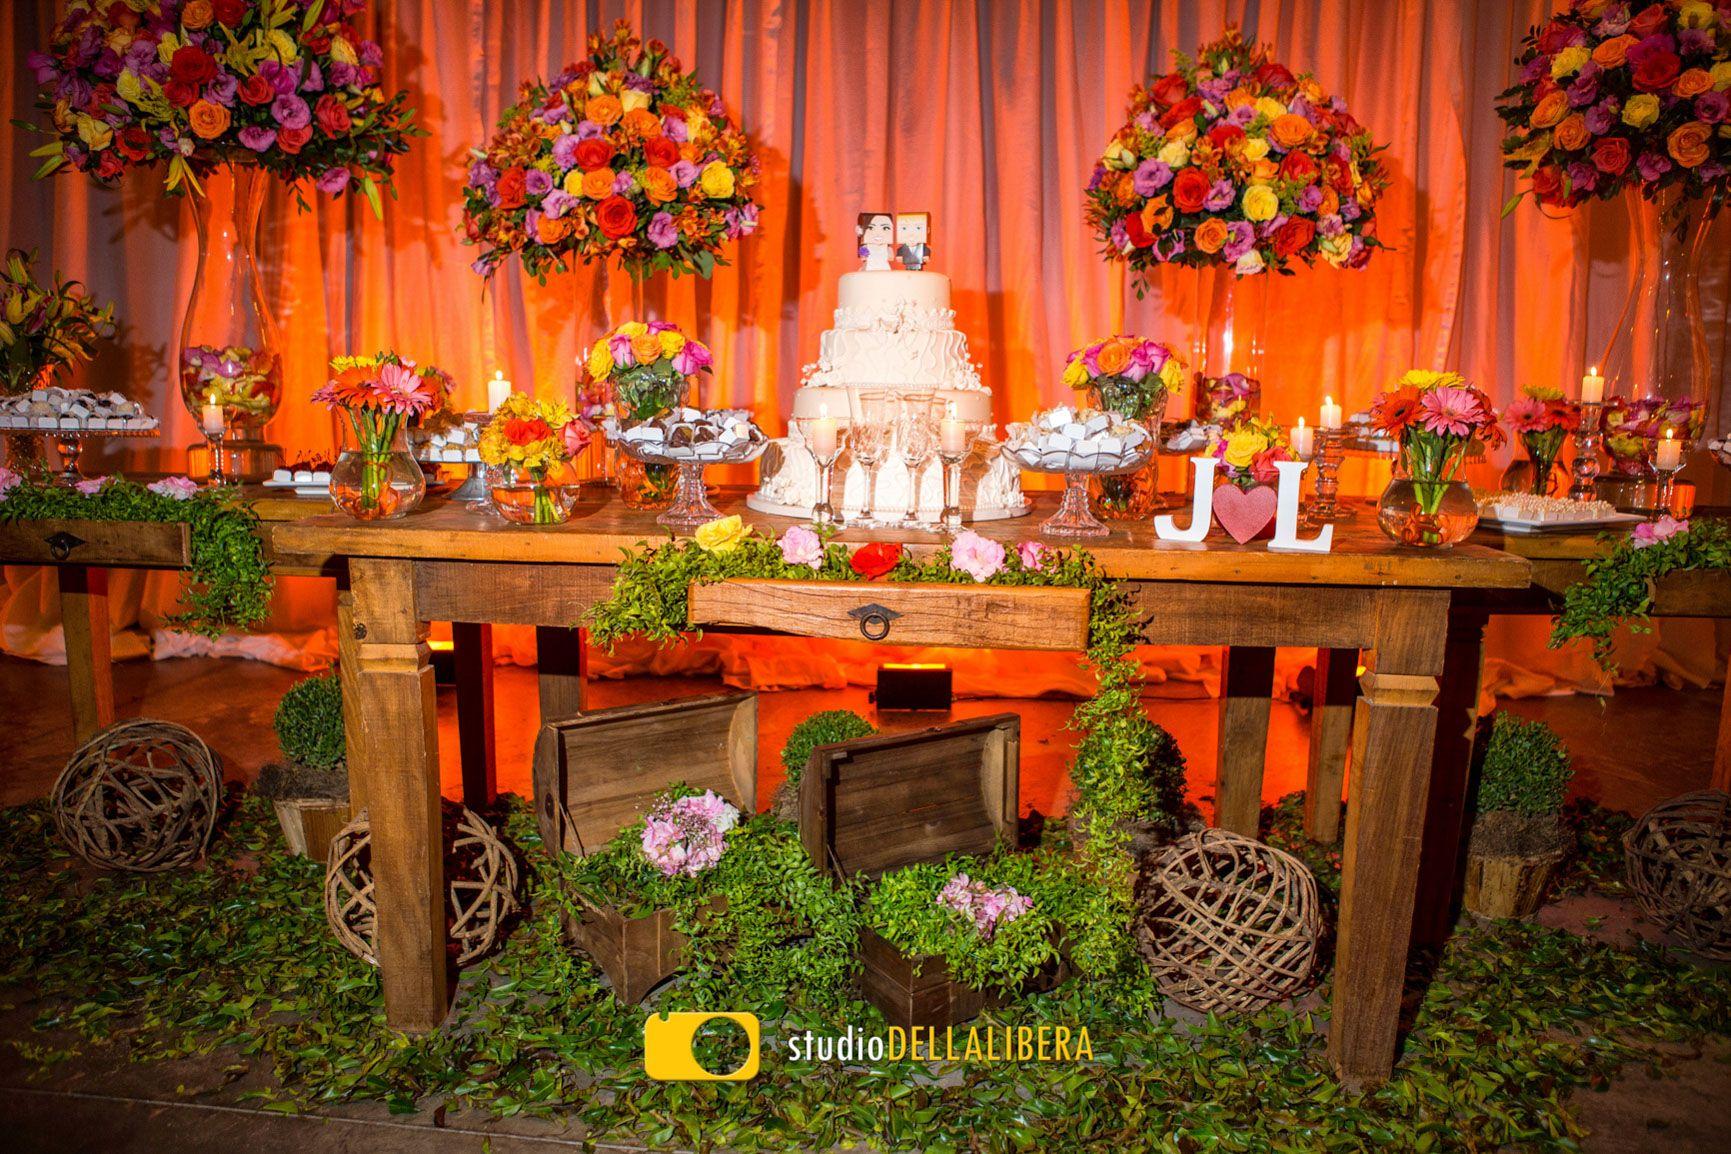 casamento piracicaba espa o seringueira mesa do bolo com flores rh pinterest com